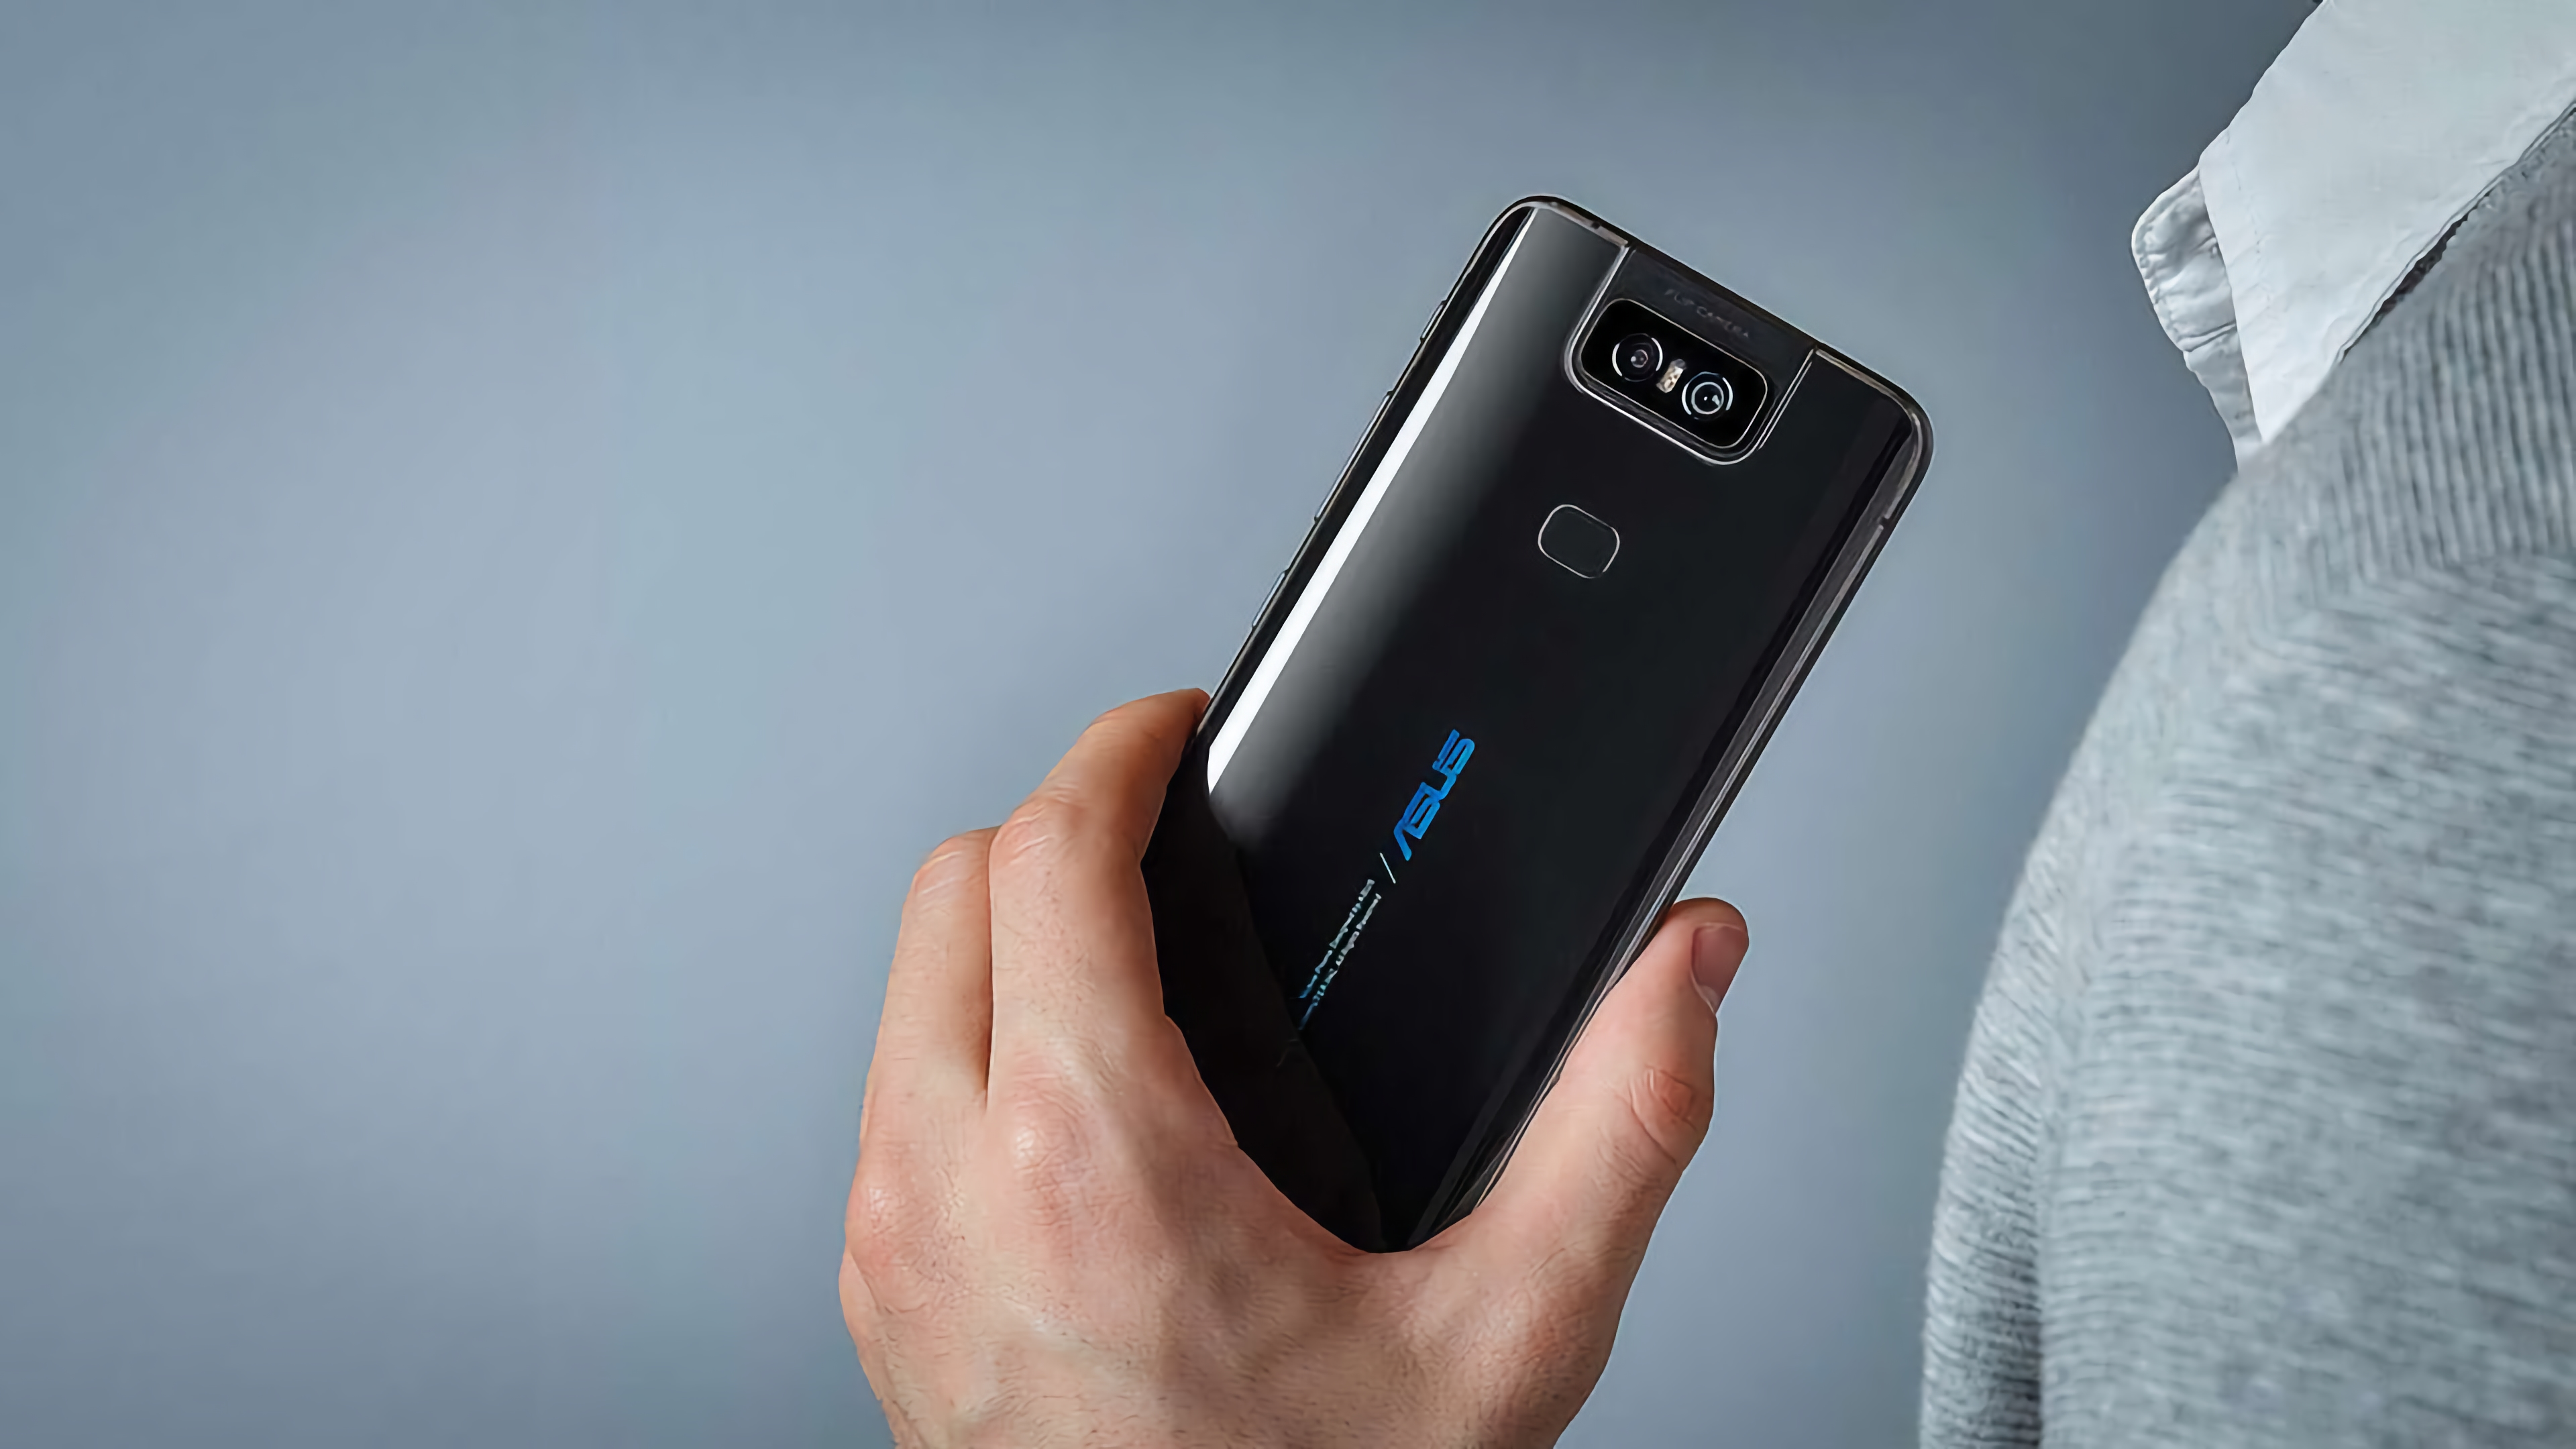 Конкурент iPhone 12 mini: ASUS Zenfone 8 Mini получит OLED-дисплей на 120 Гц и чип Snapdragon 888